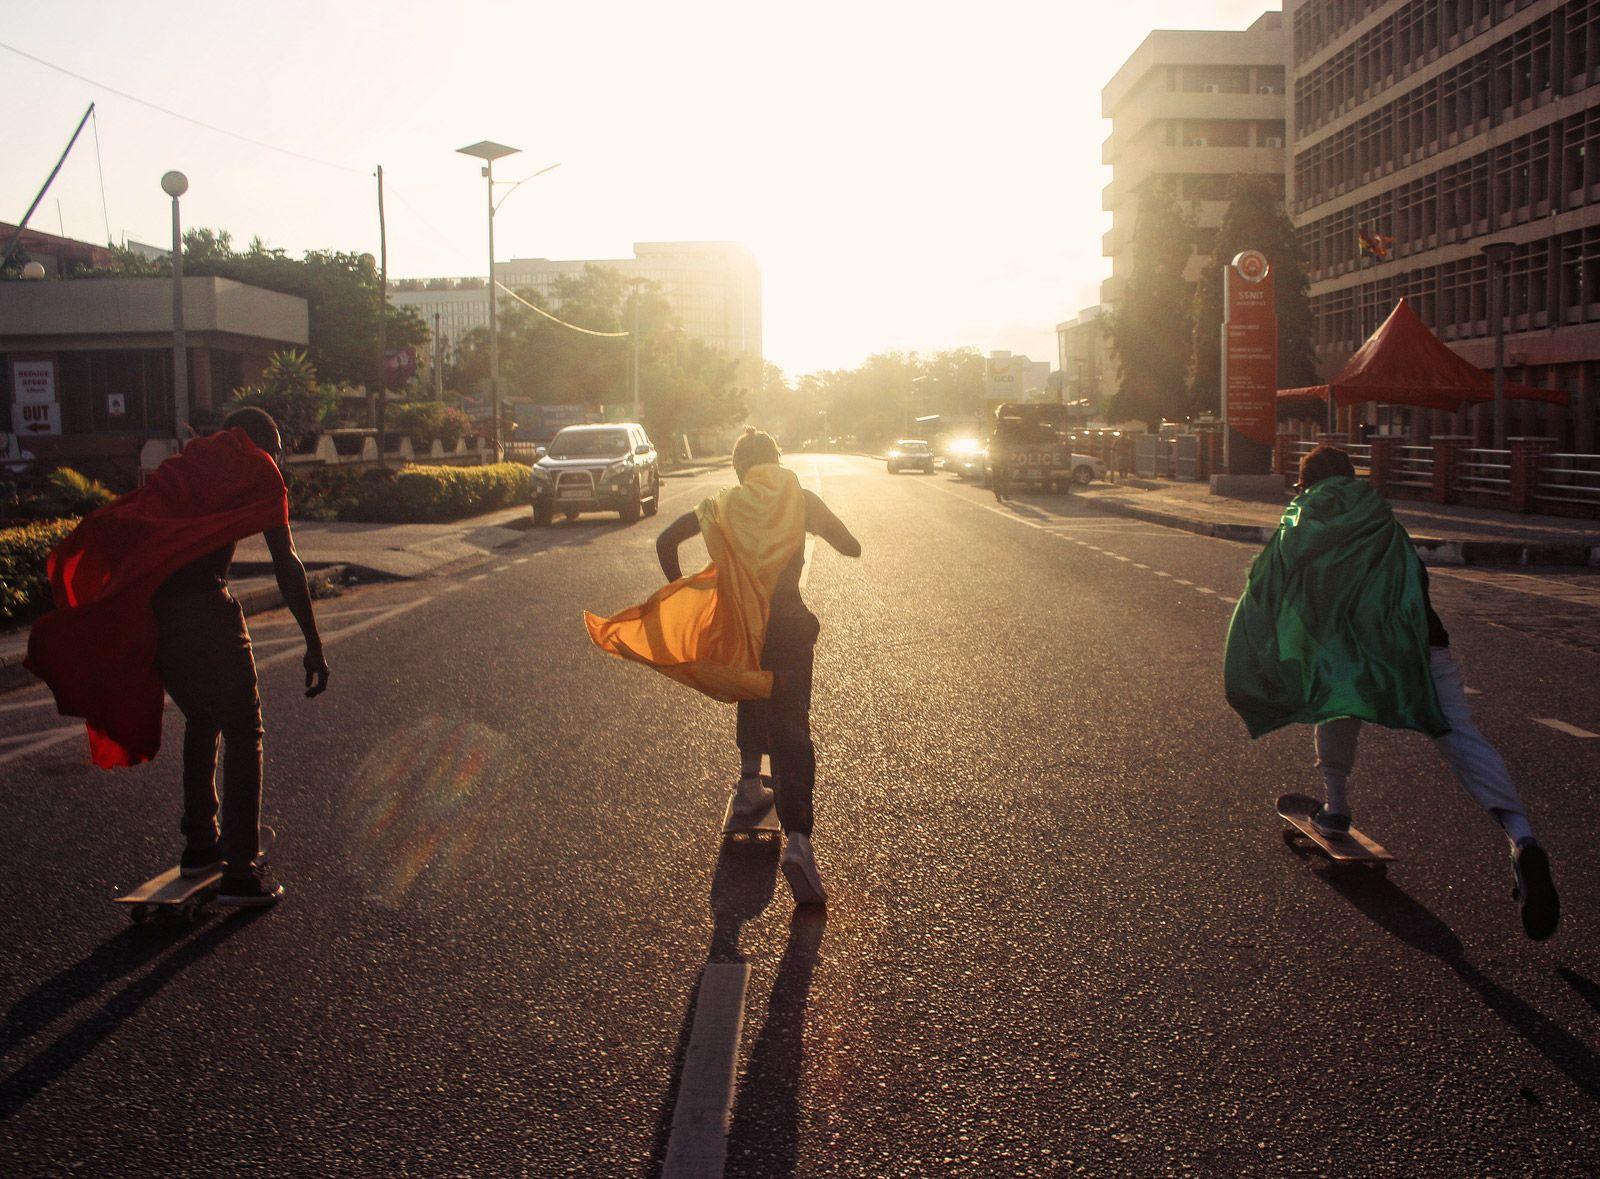 ghanas-first-skate-park-much-skateboarding-07